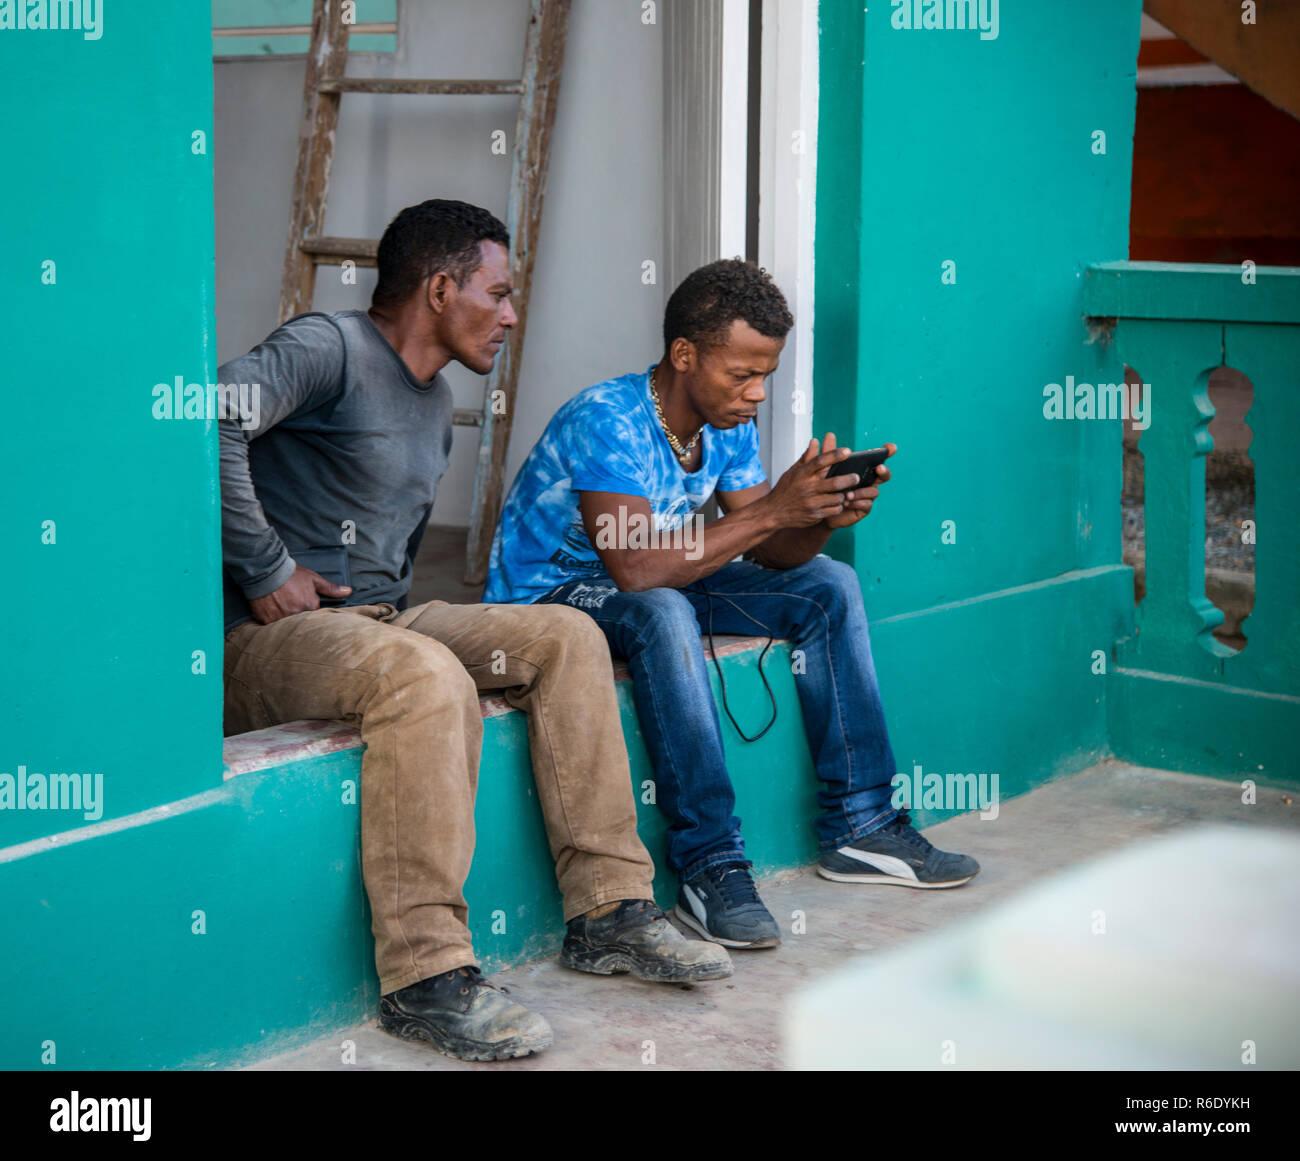 Männer auf der suche nach frauenposten